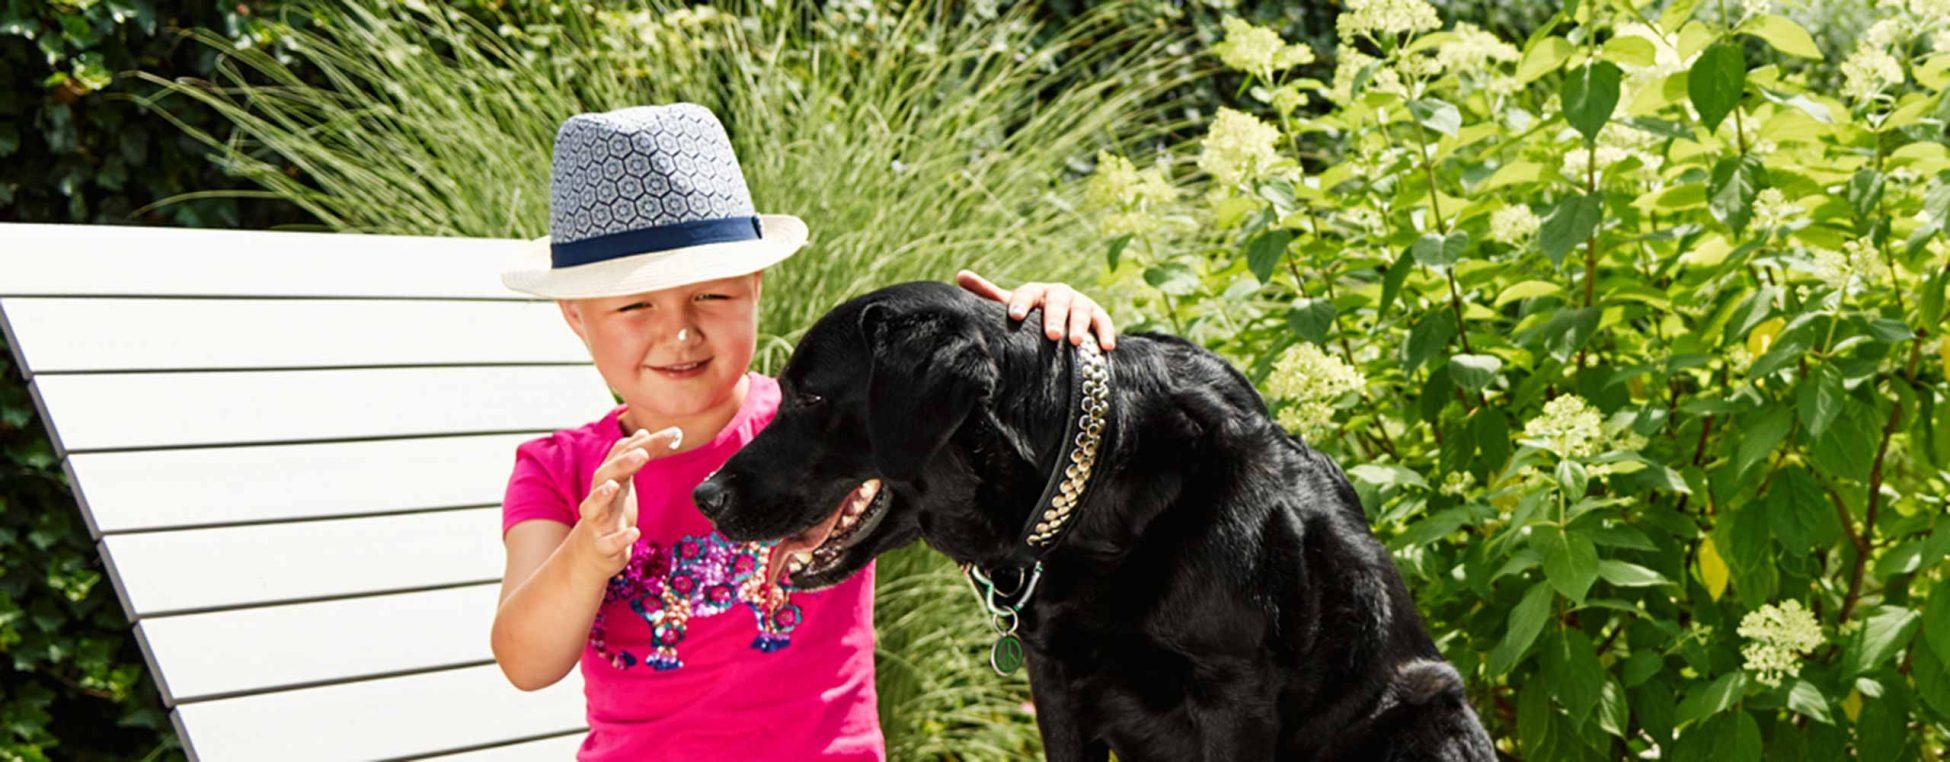 Mädchen macht Hund zum Spaß einen Tupfer Sonnencreme auf die Nase - Sonne(n) mit Verstand